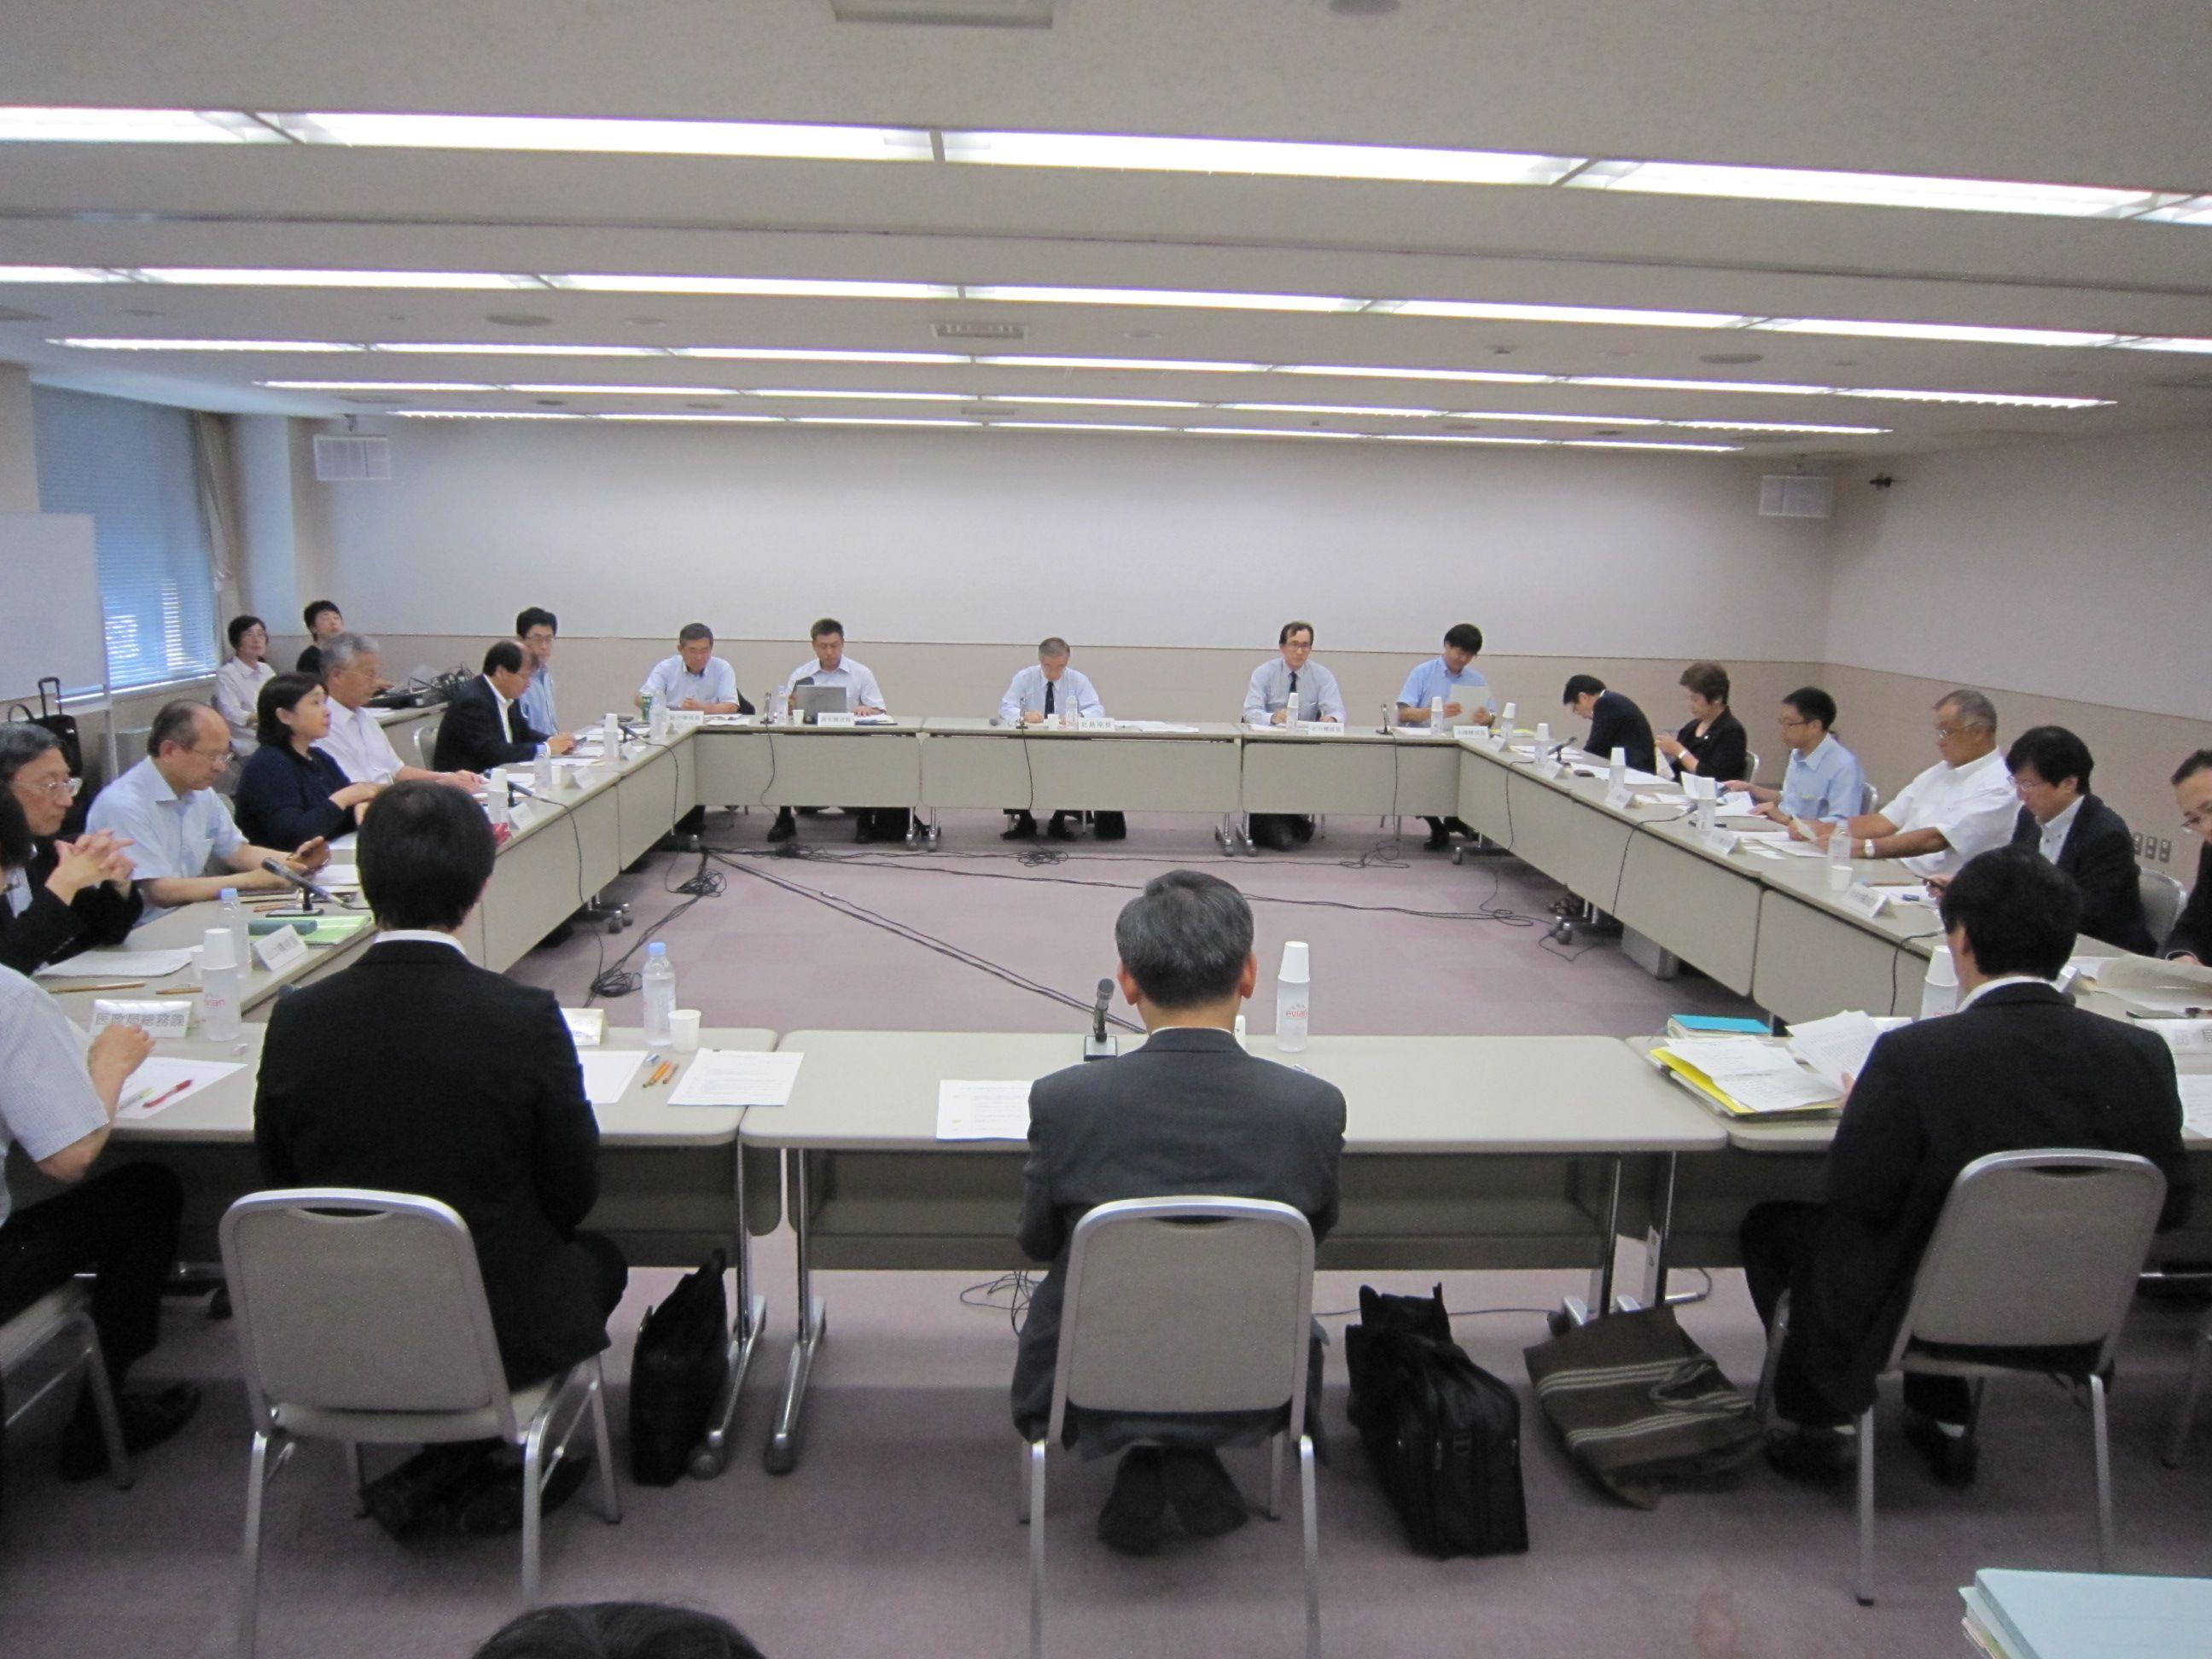 7月7日に開催された、「第7回 がん診療提供体制のあり方に関する検討会」